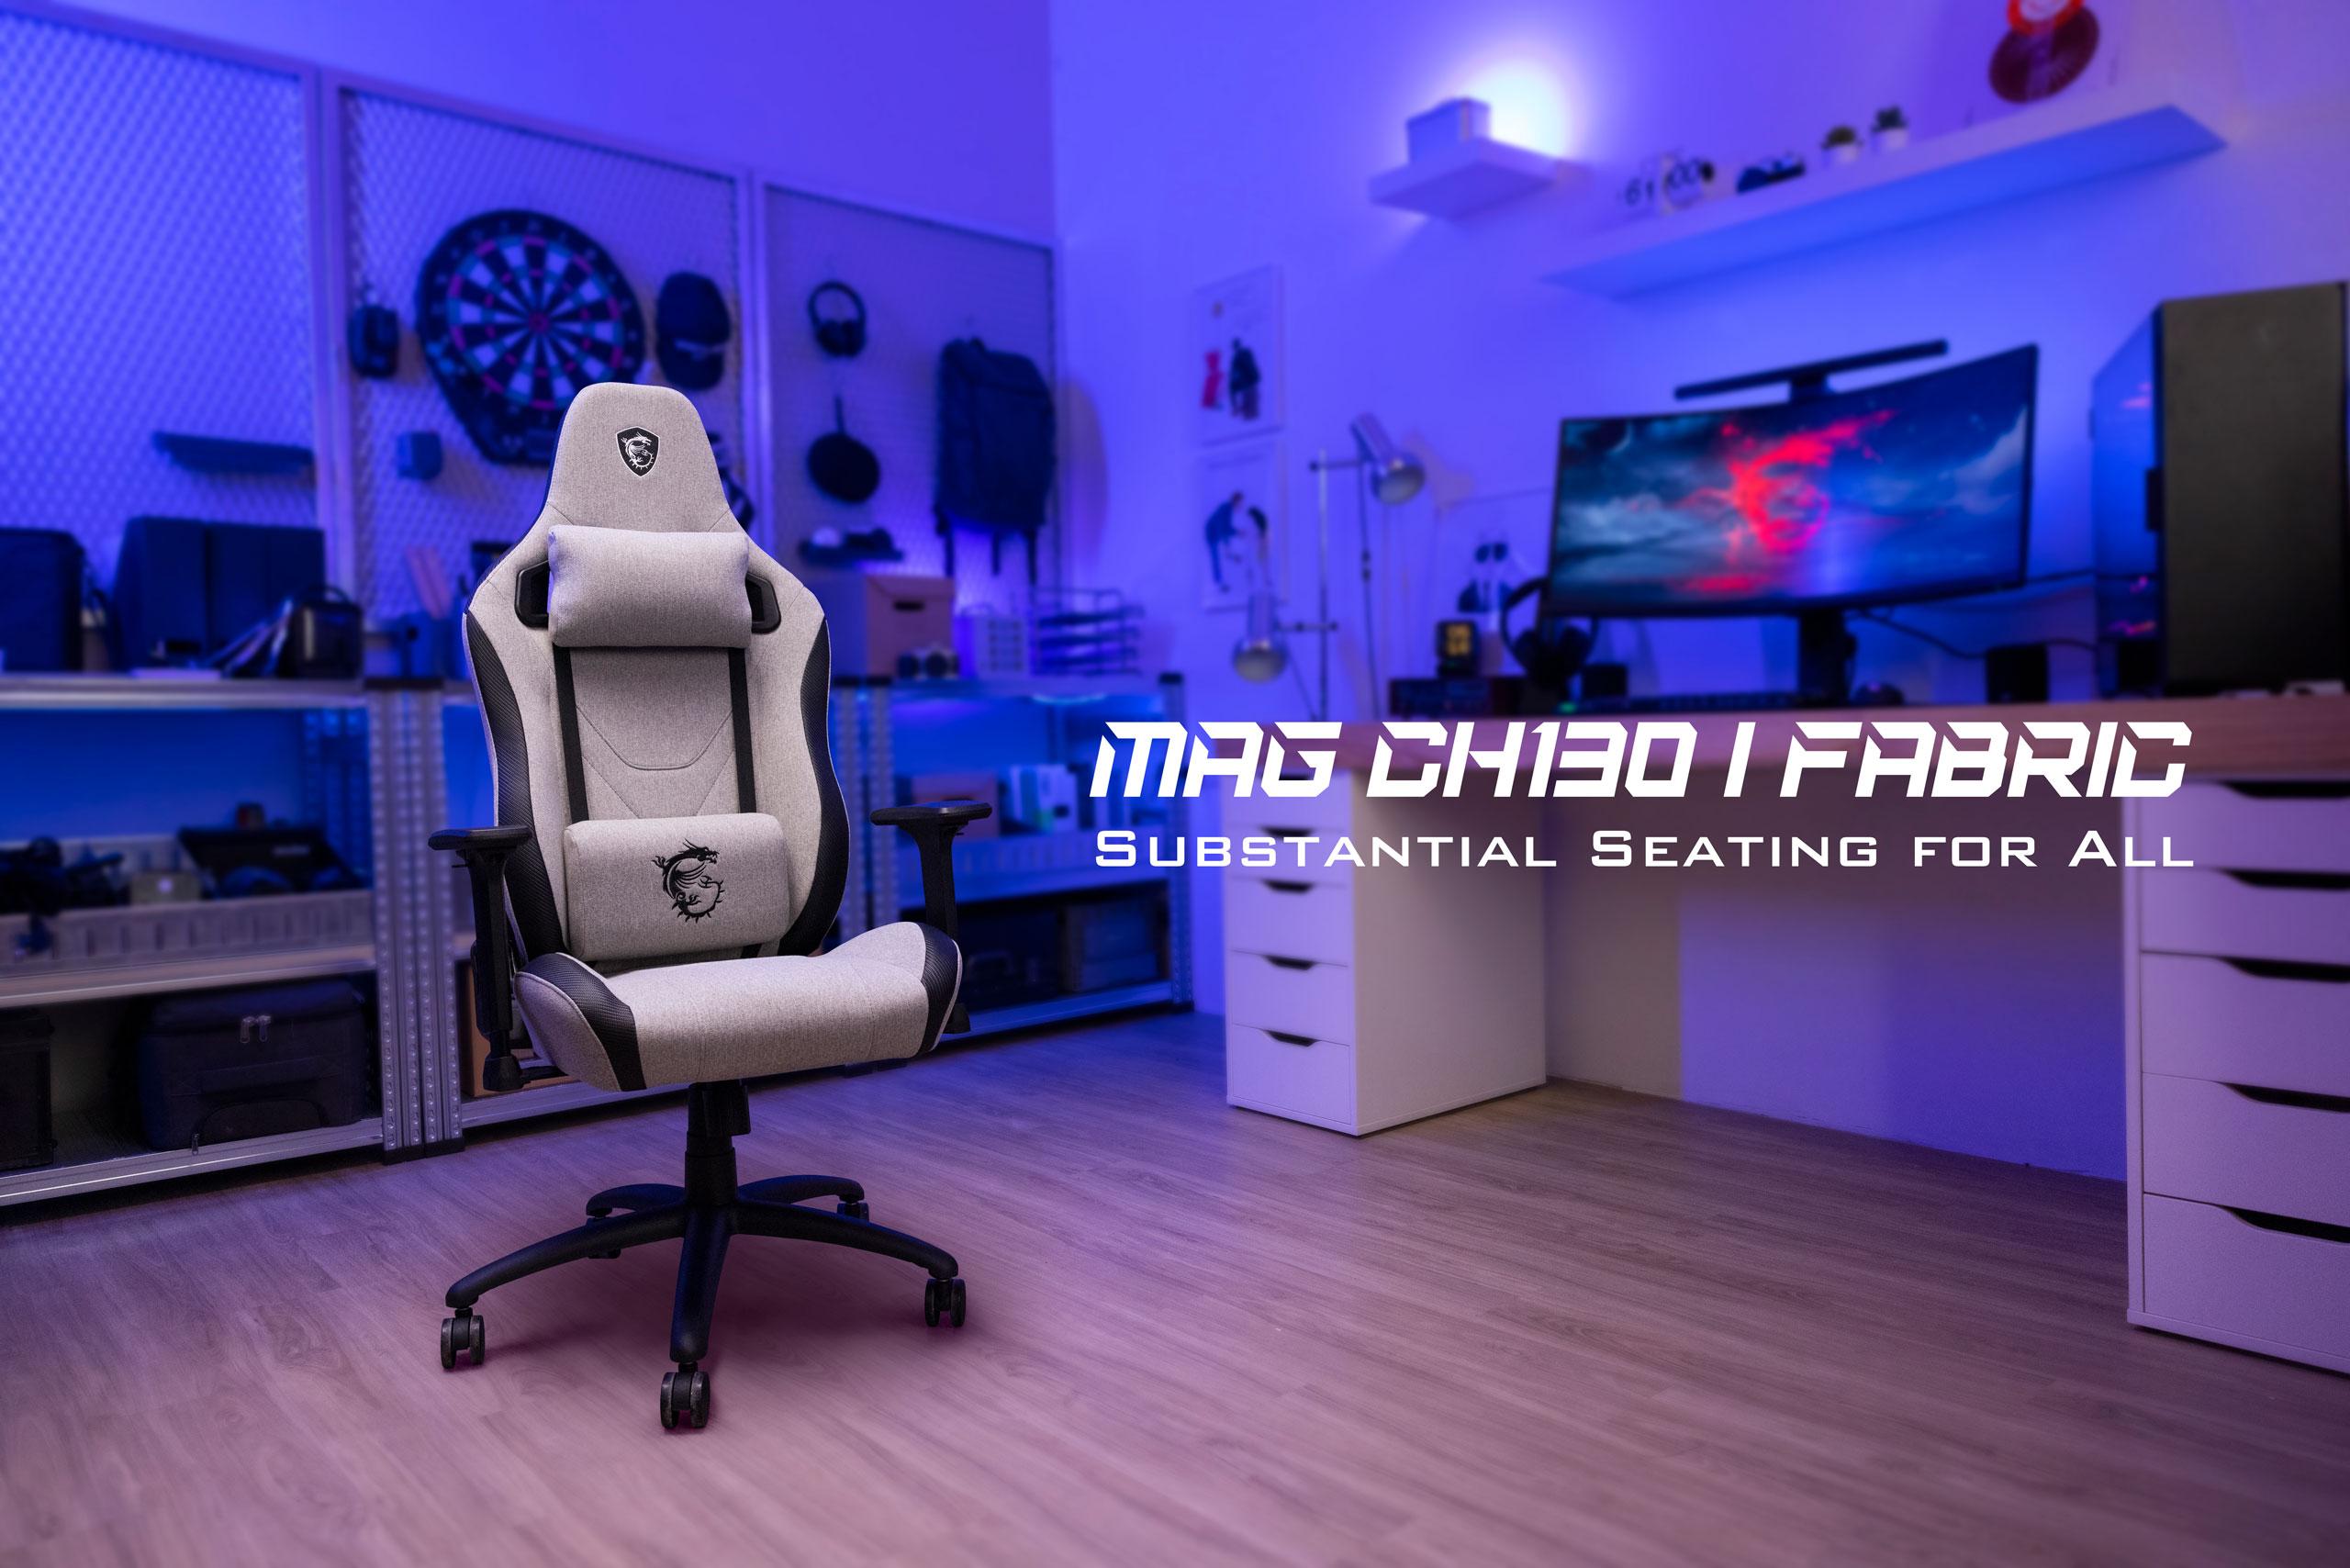 MAG CH130 I FABRIC